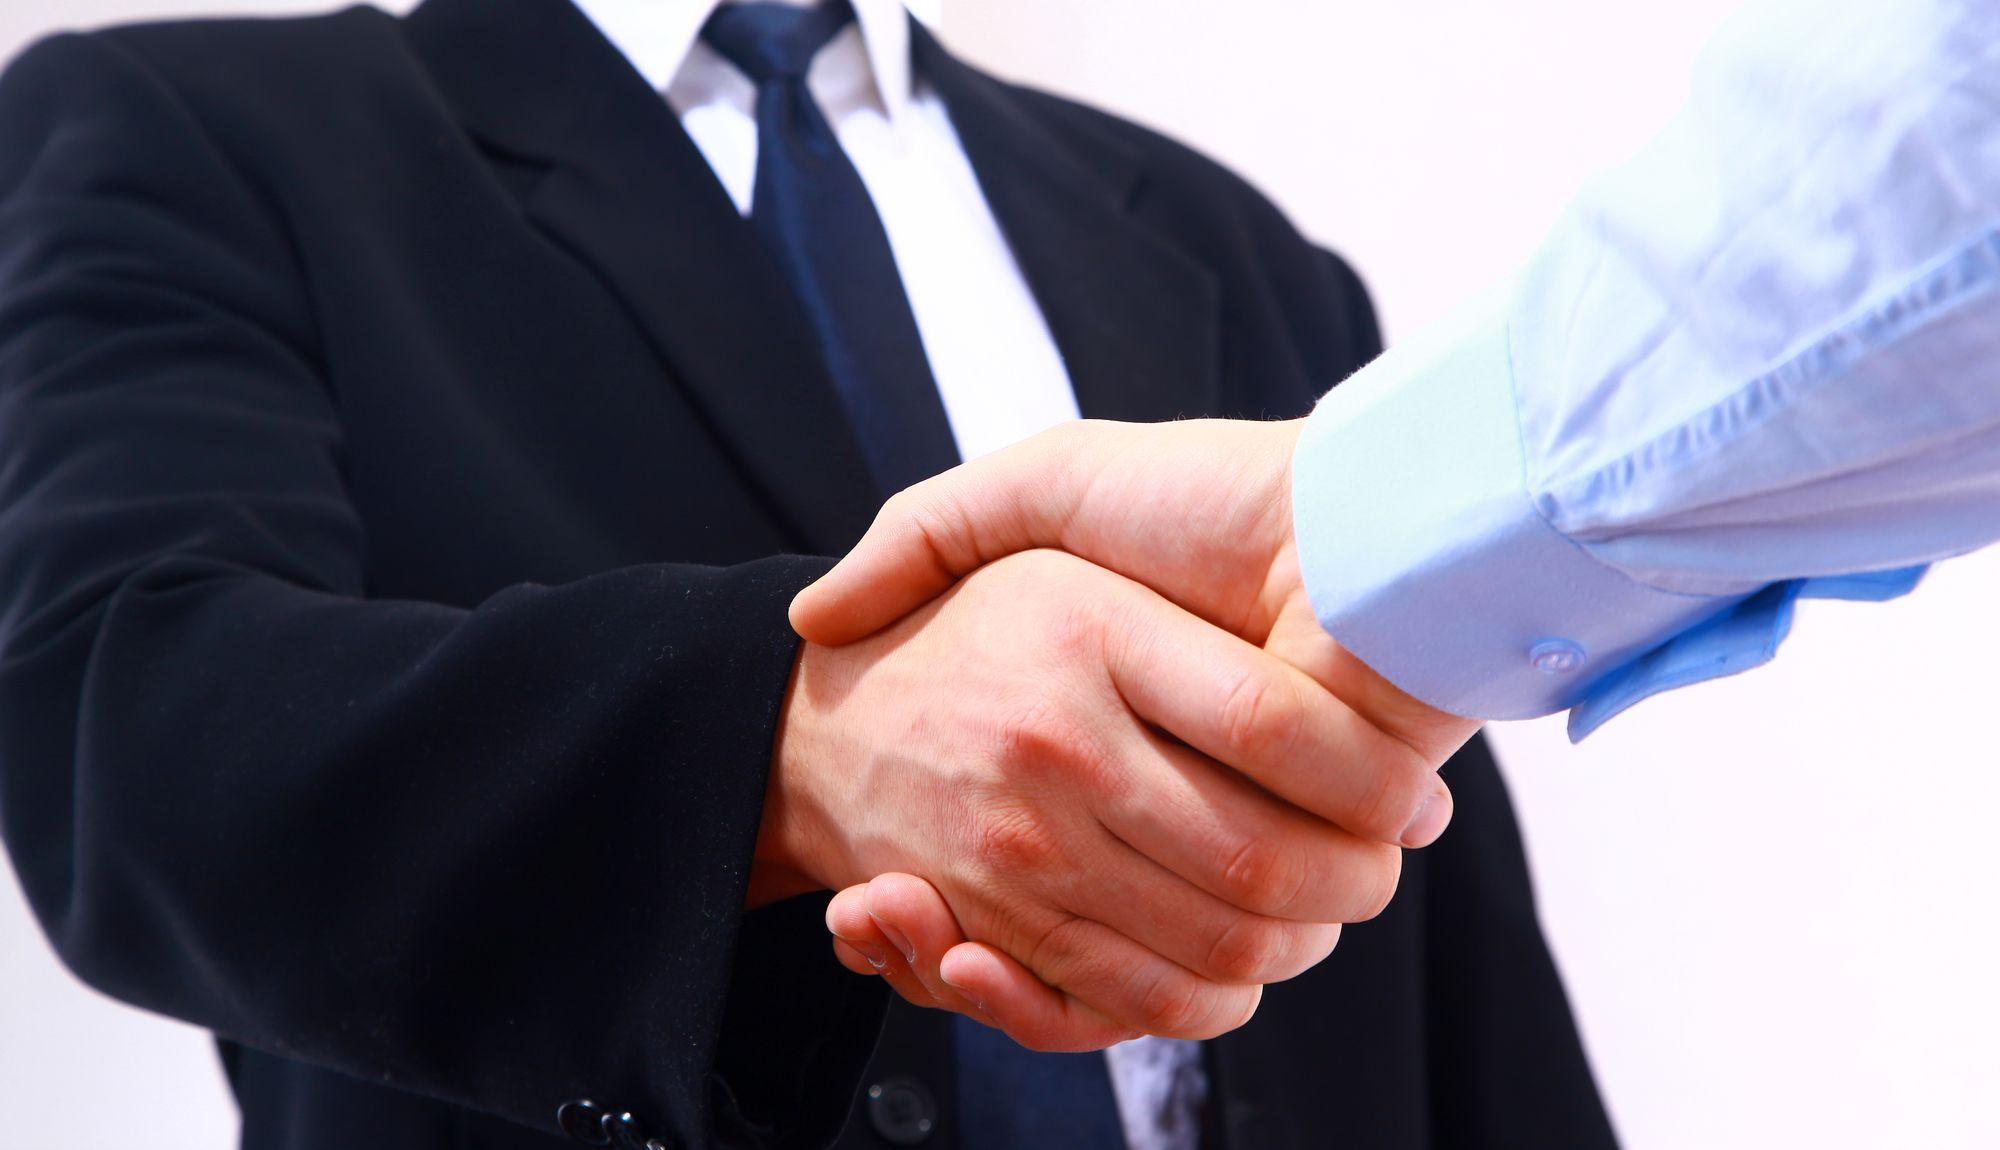 Handshake on Insurance Deal